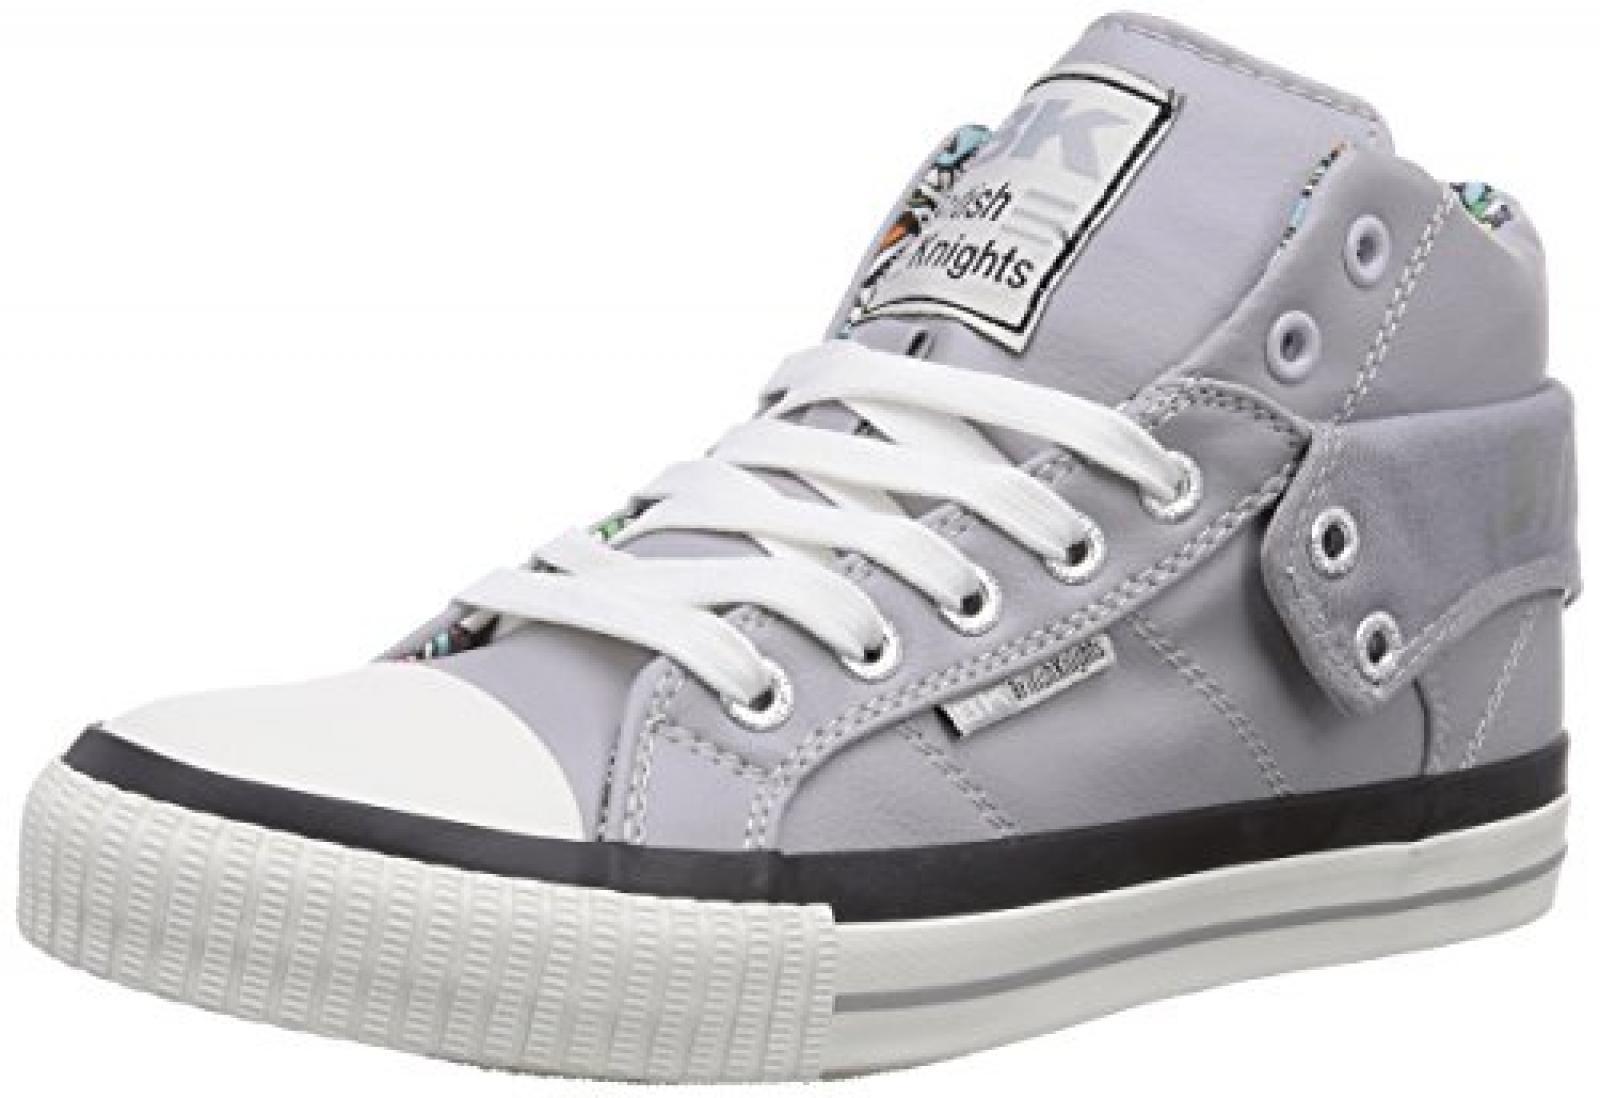 British Knights ROCO Damen Hohe Sneakers